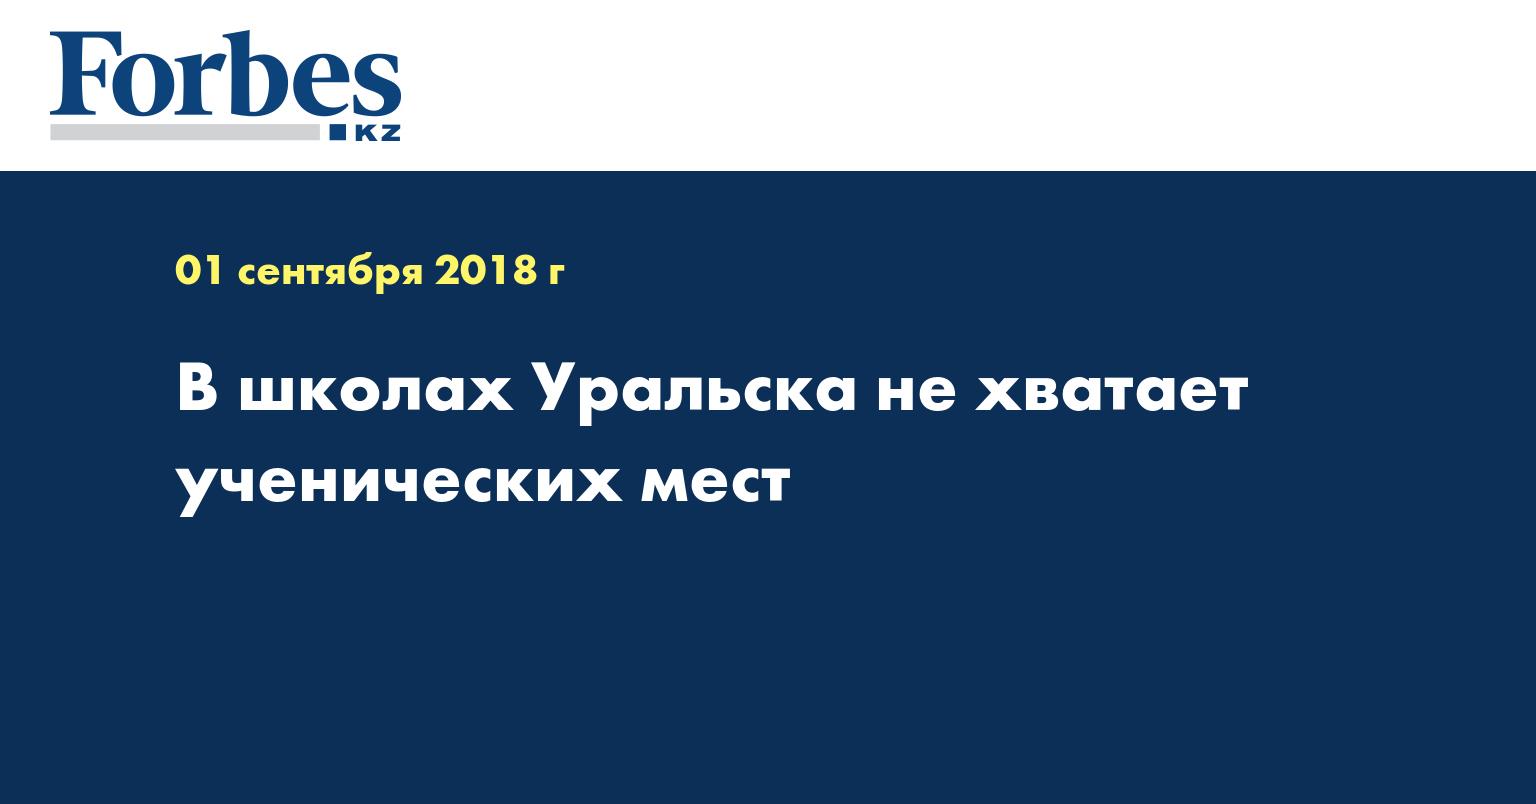 В школах Уральска не хватает ученических мест